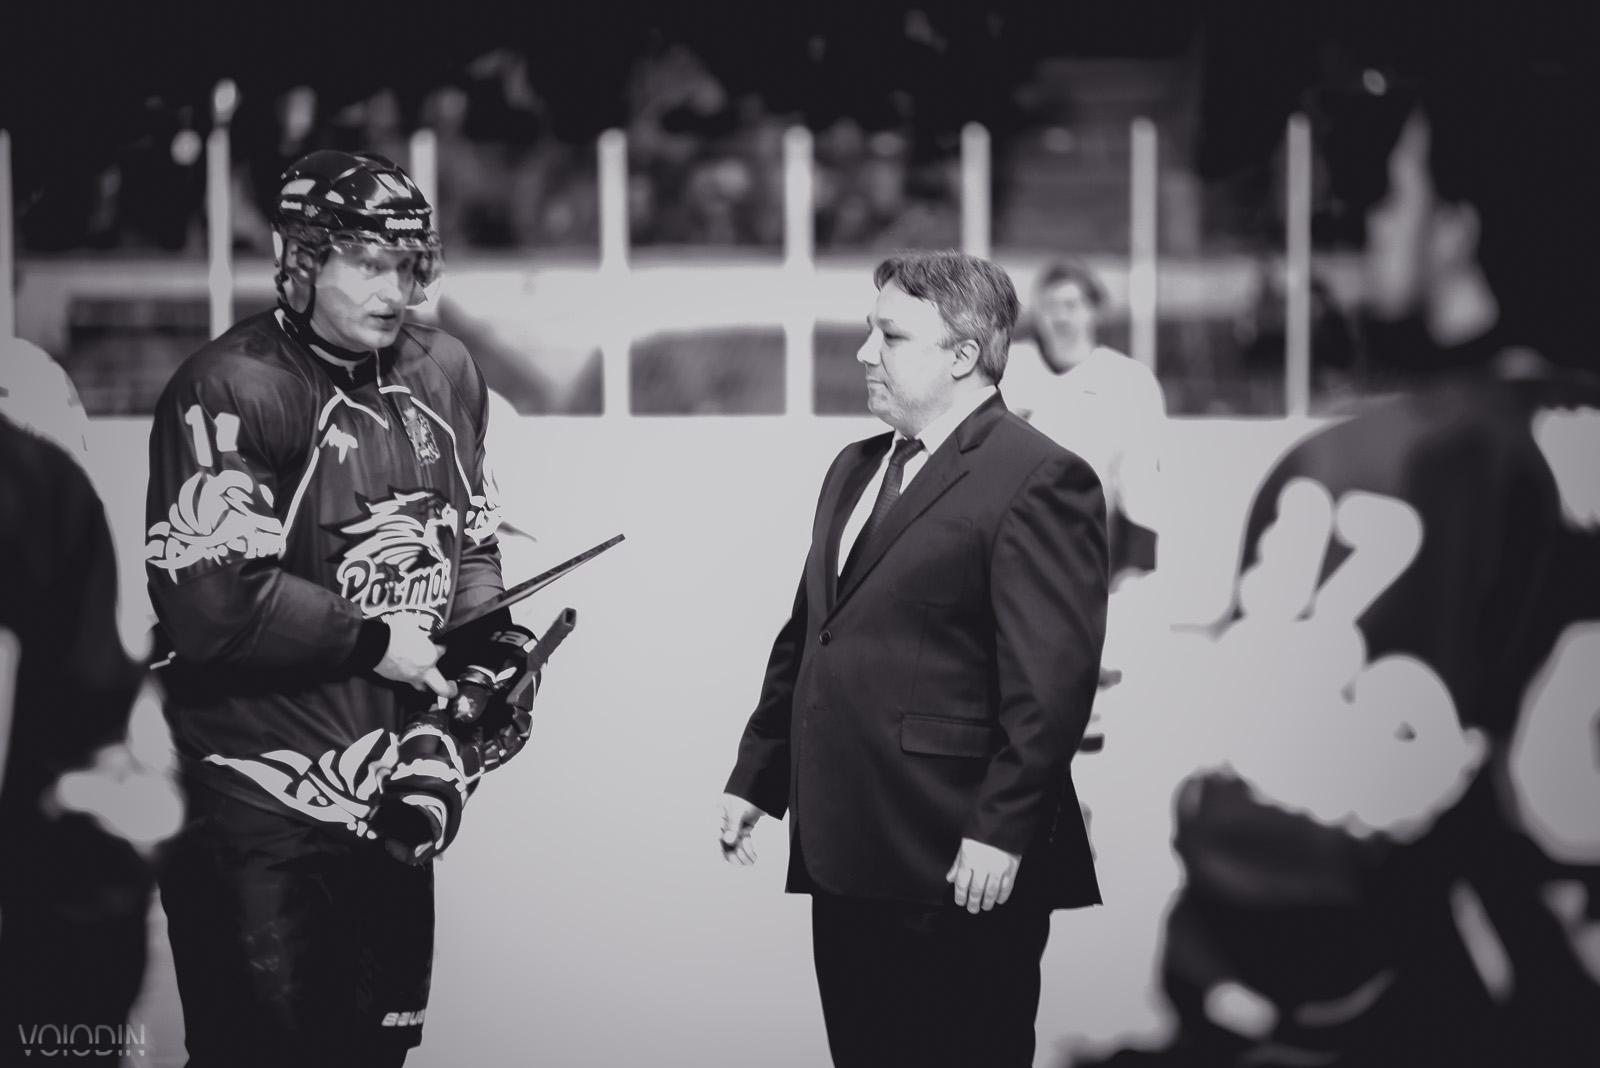 Хоккейный клуб Ростов-на-Дону | Награда от В.А. Третьяка